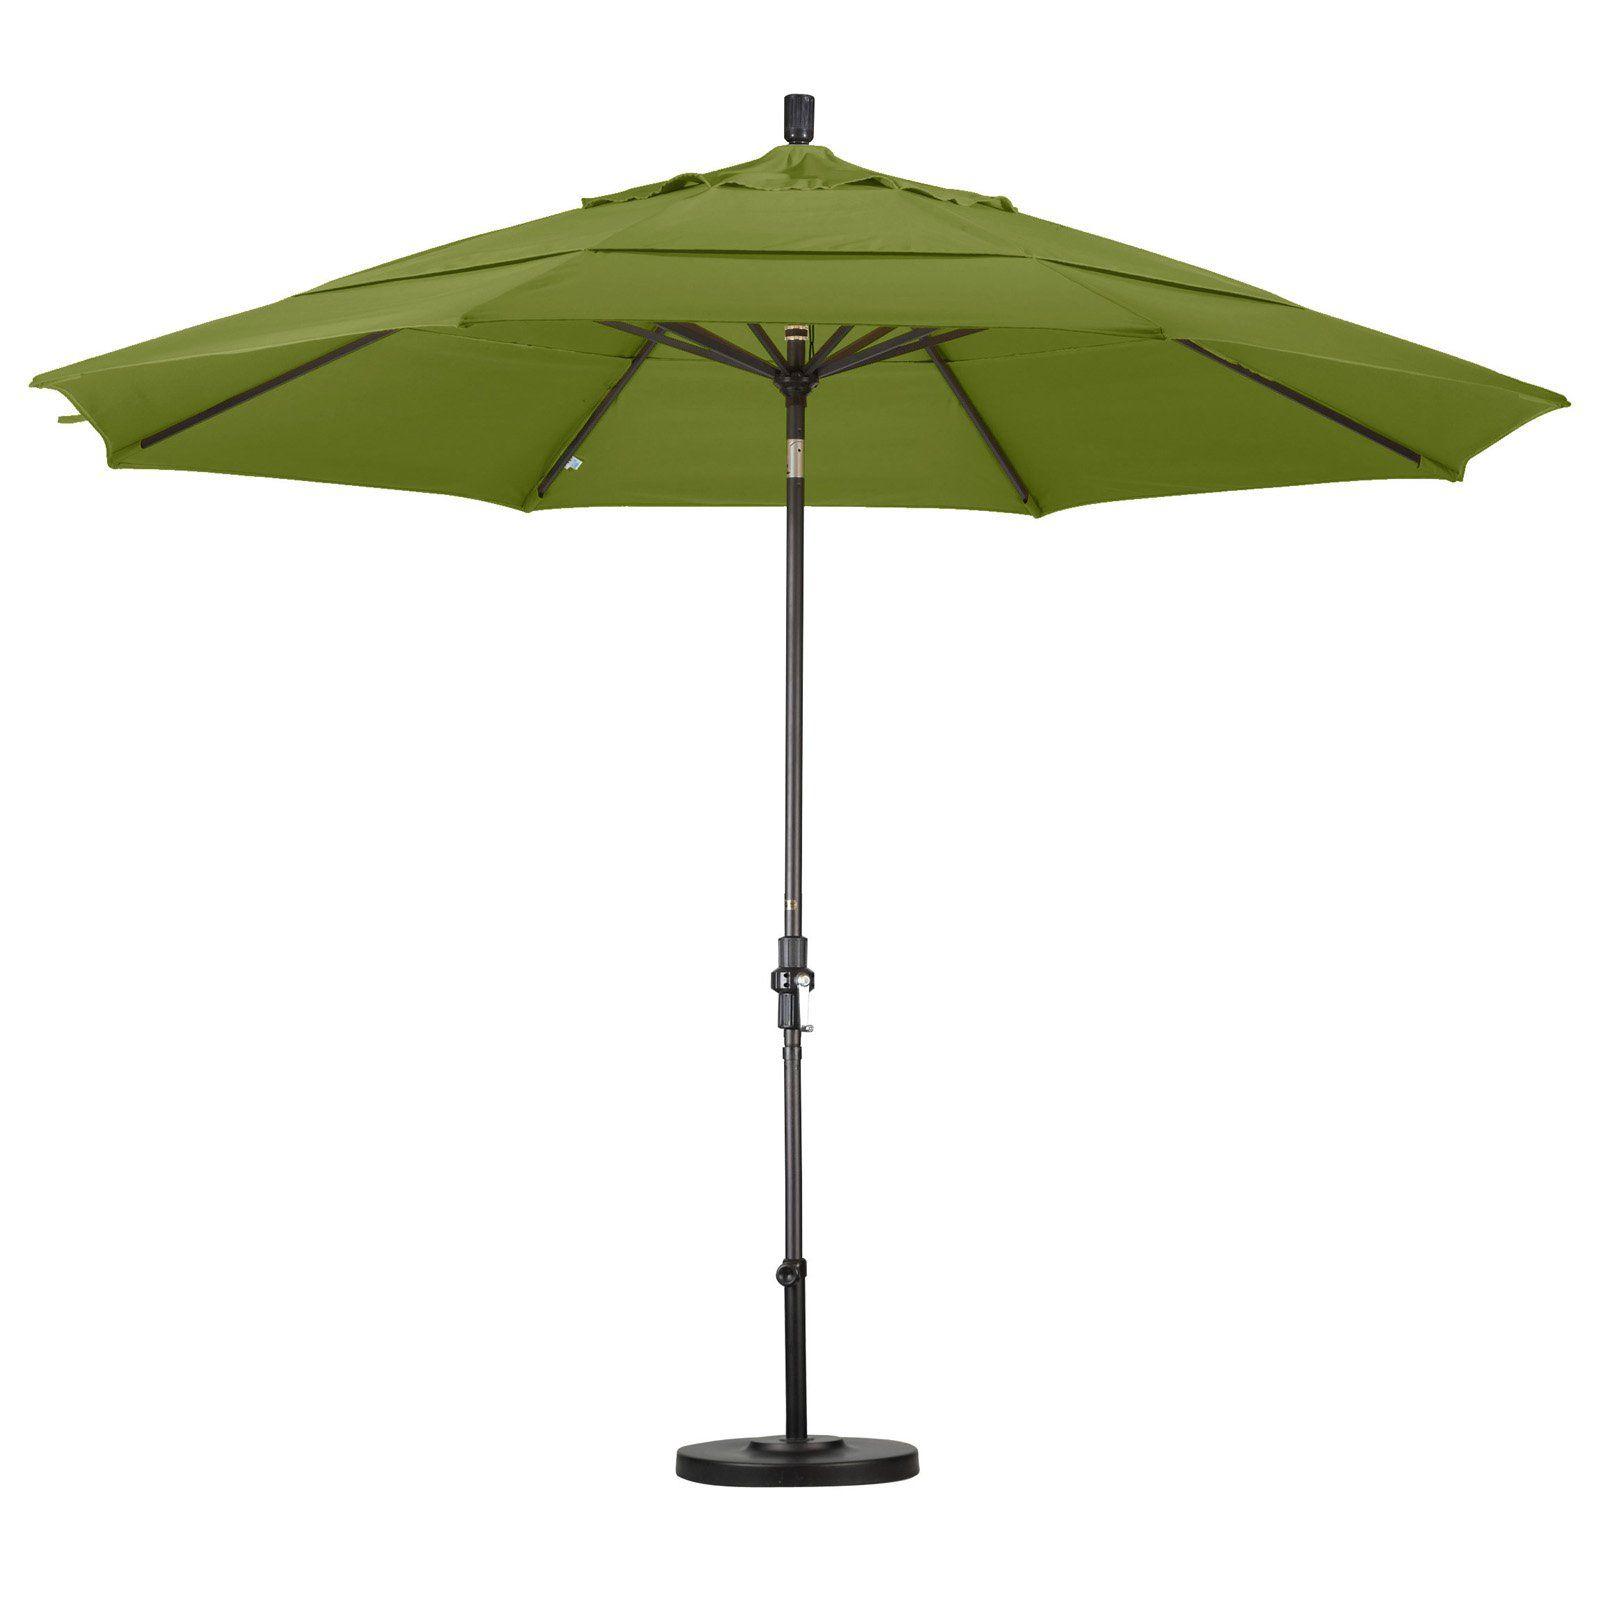 California Umbrella 11 Ft Aluminum Double Vent Tilt Market 318 Br Fabric